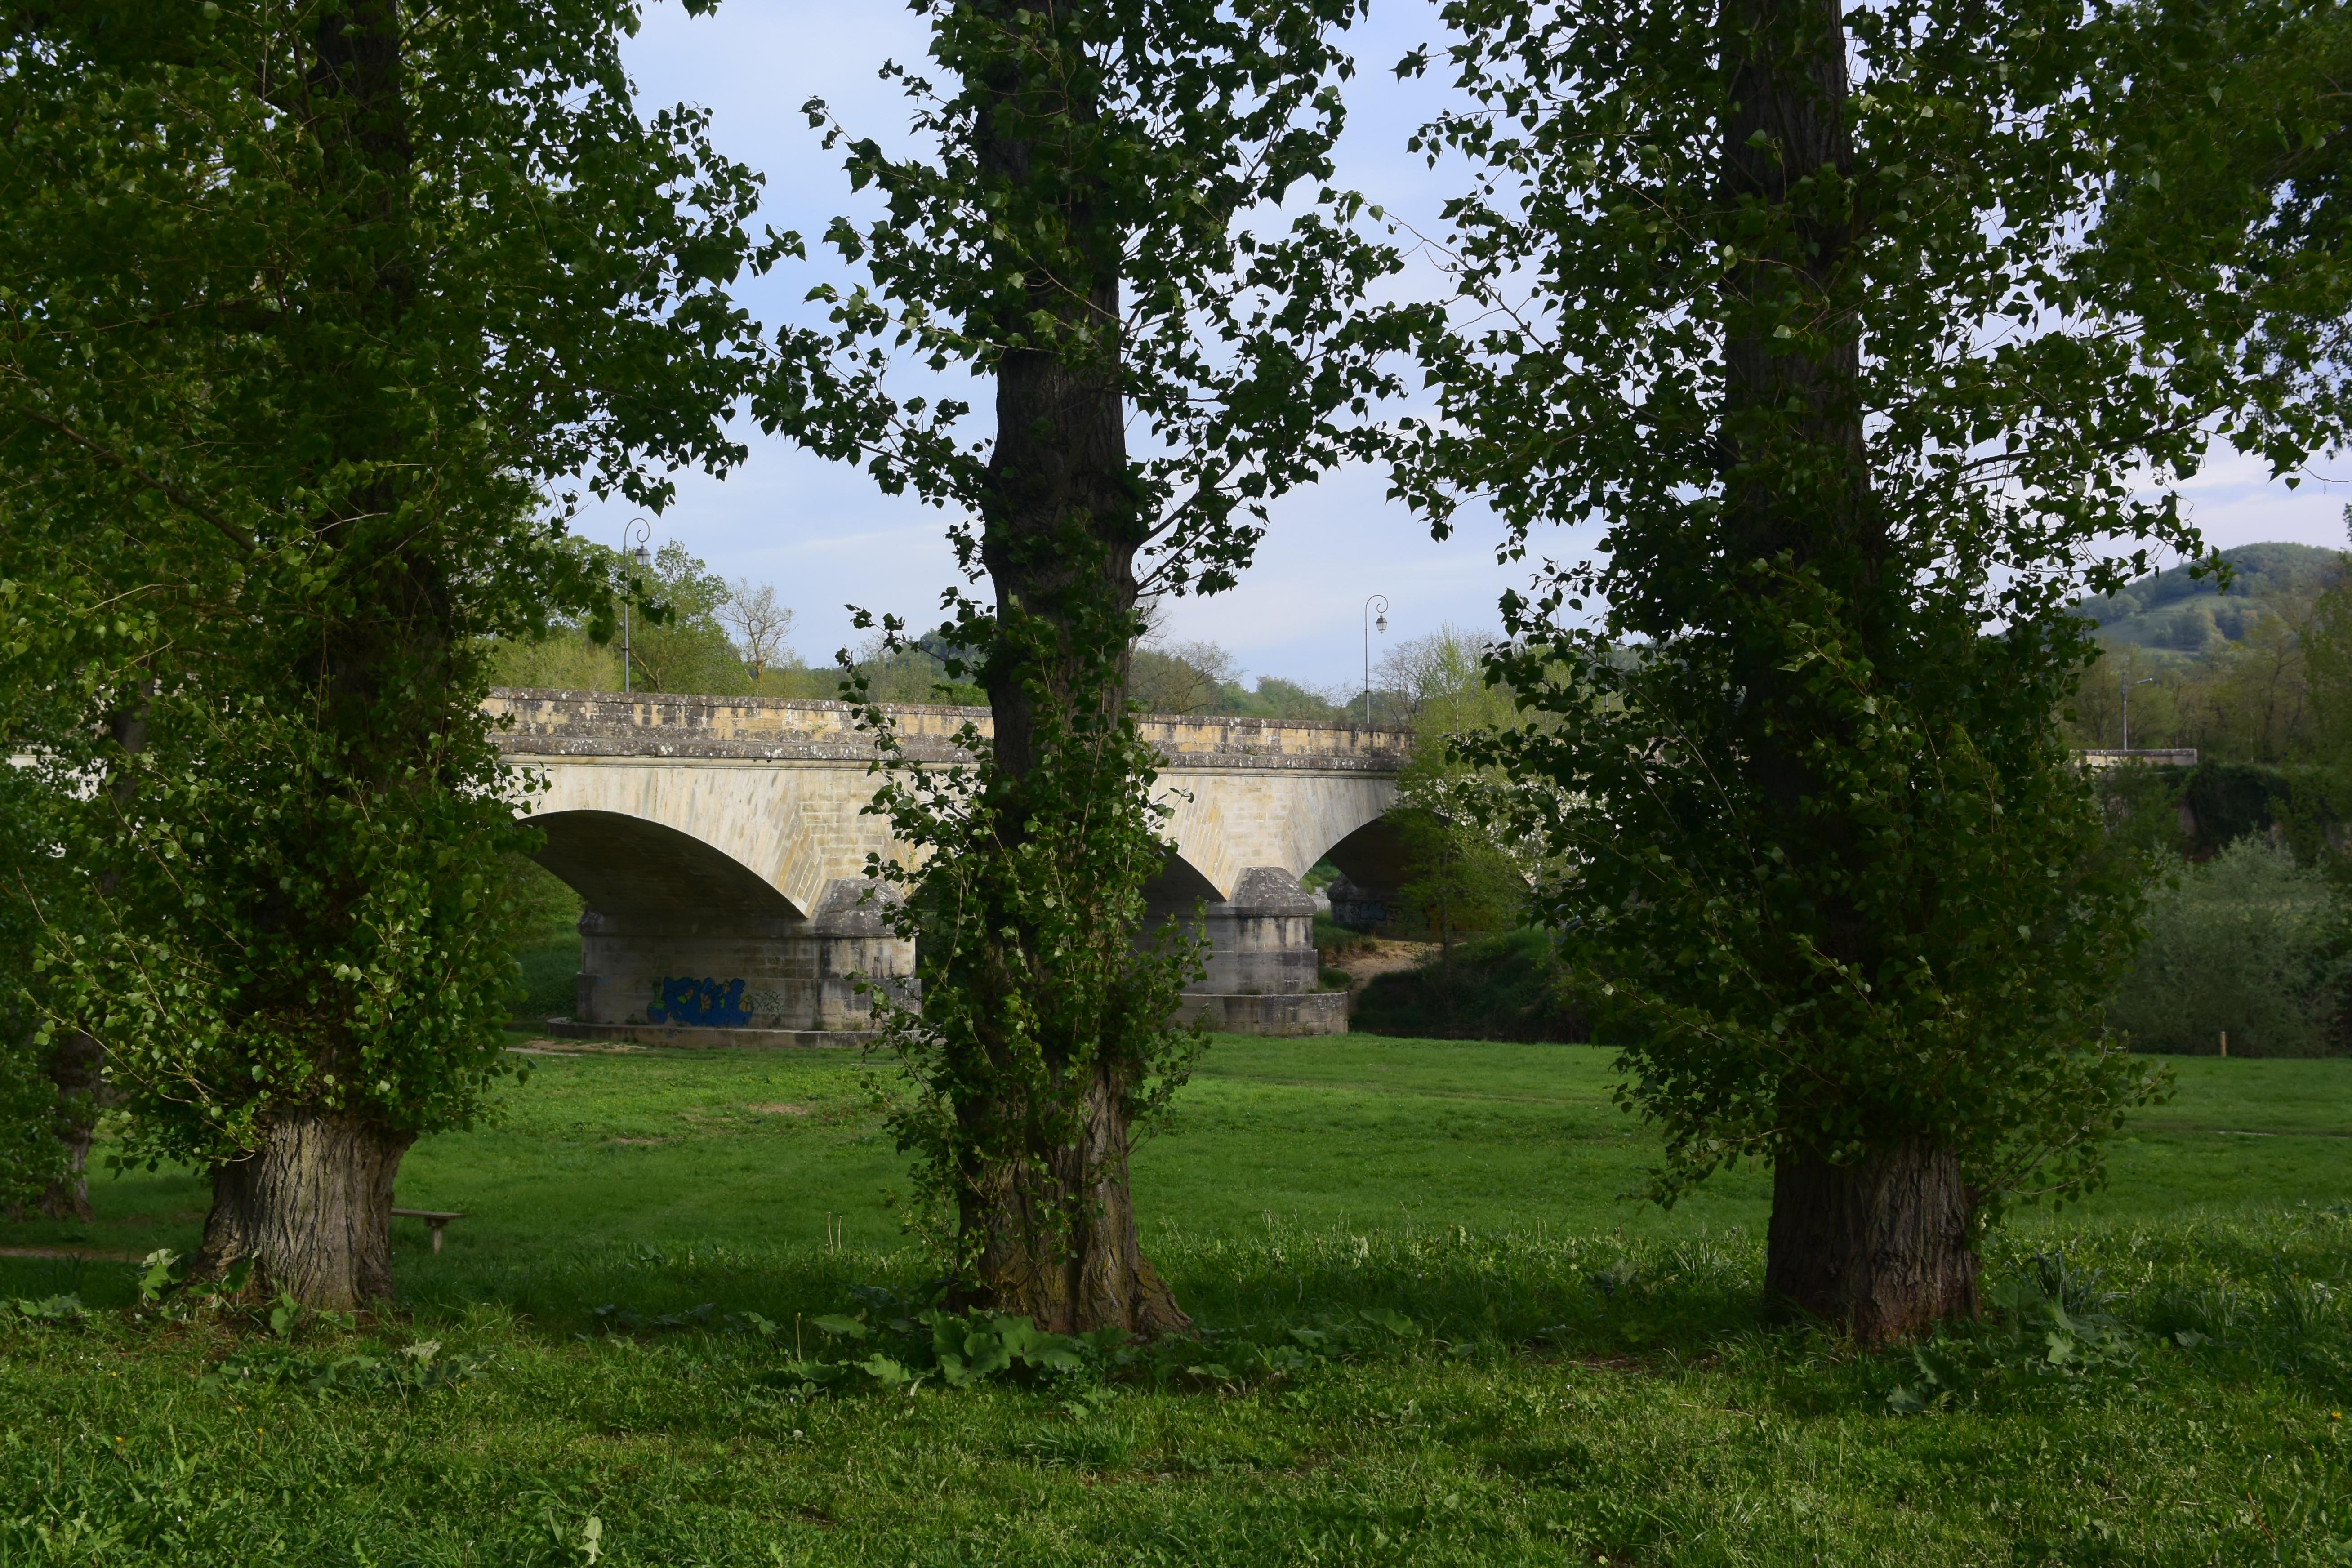 Bridge leading into Mirepoix